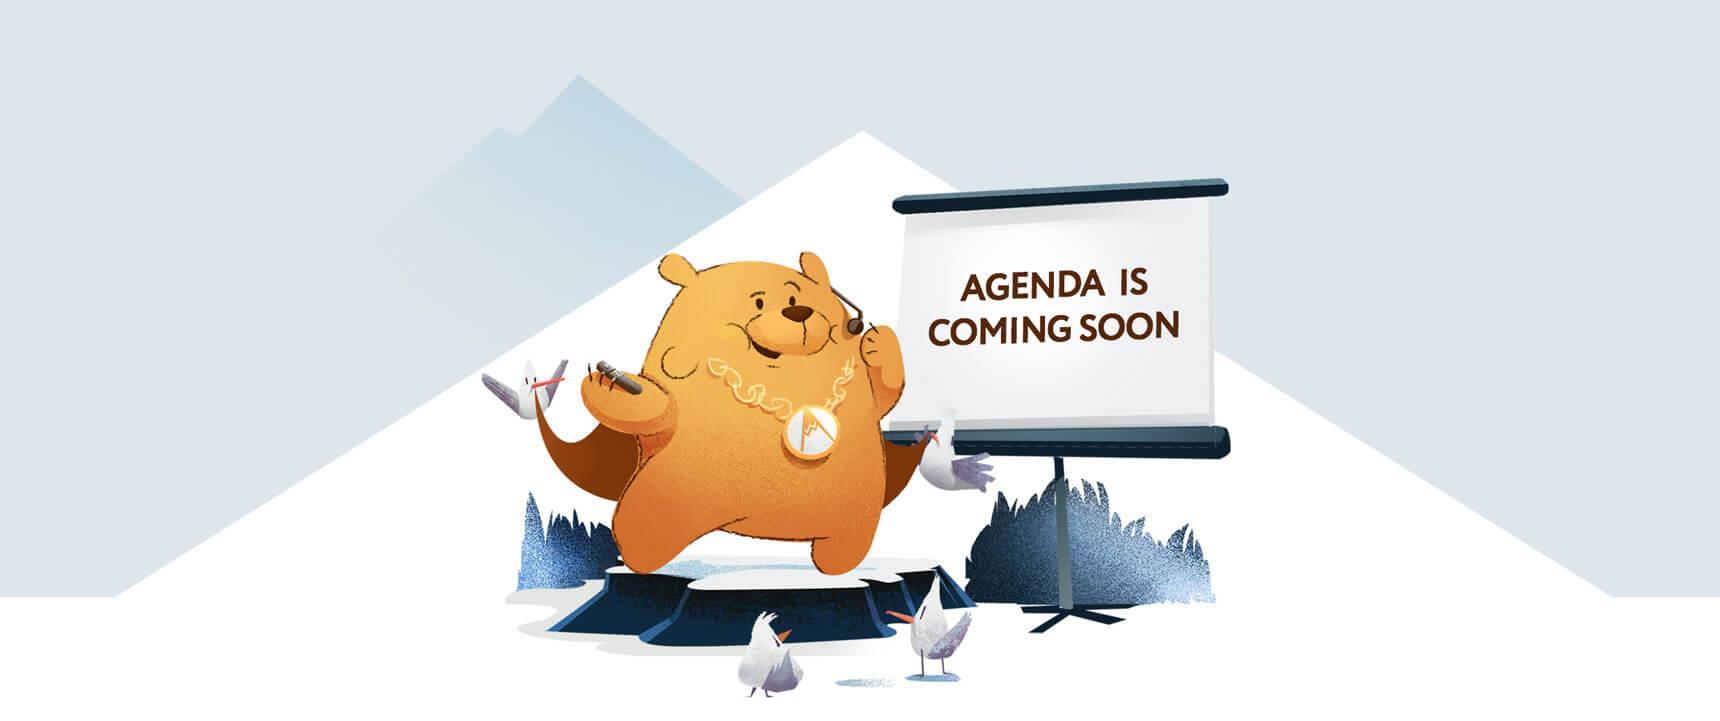 Digital Olympus Agenda